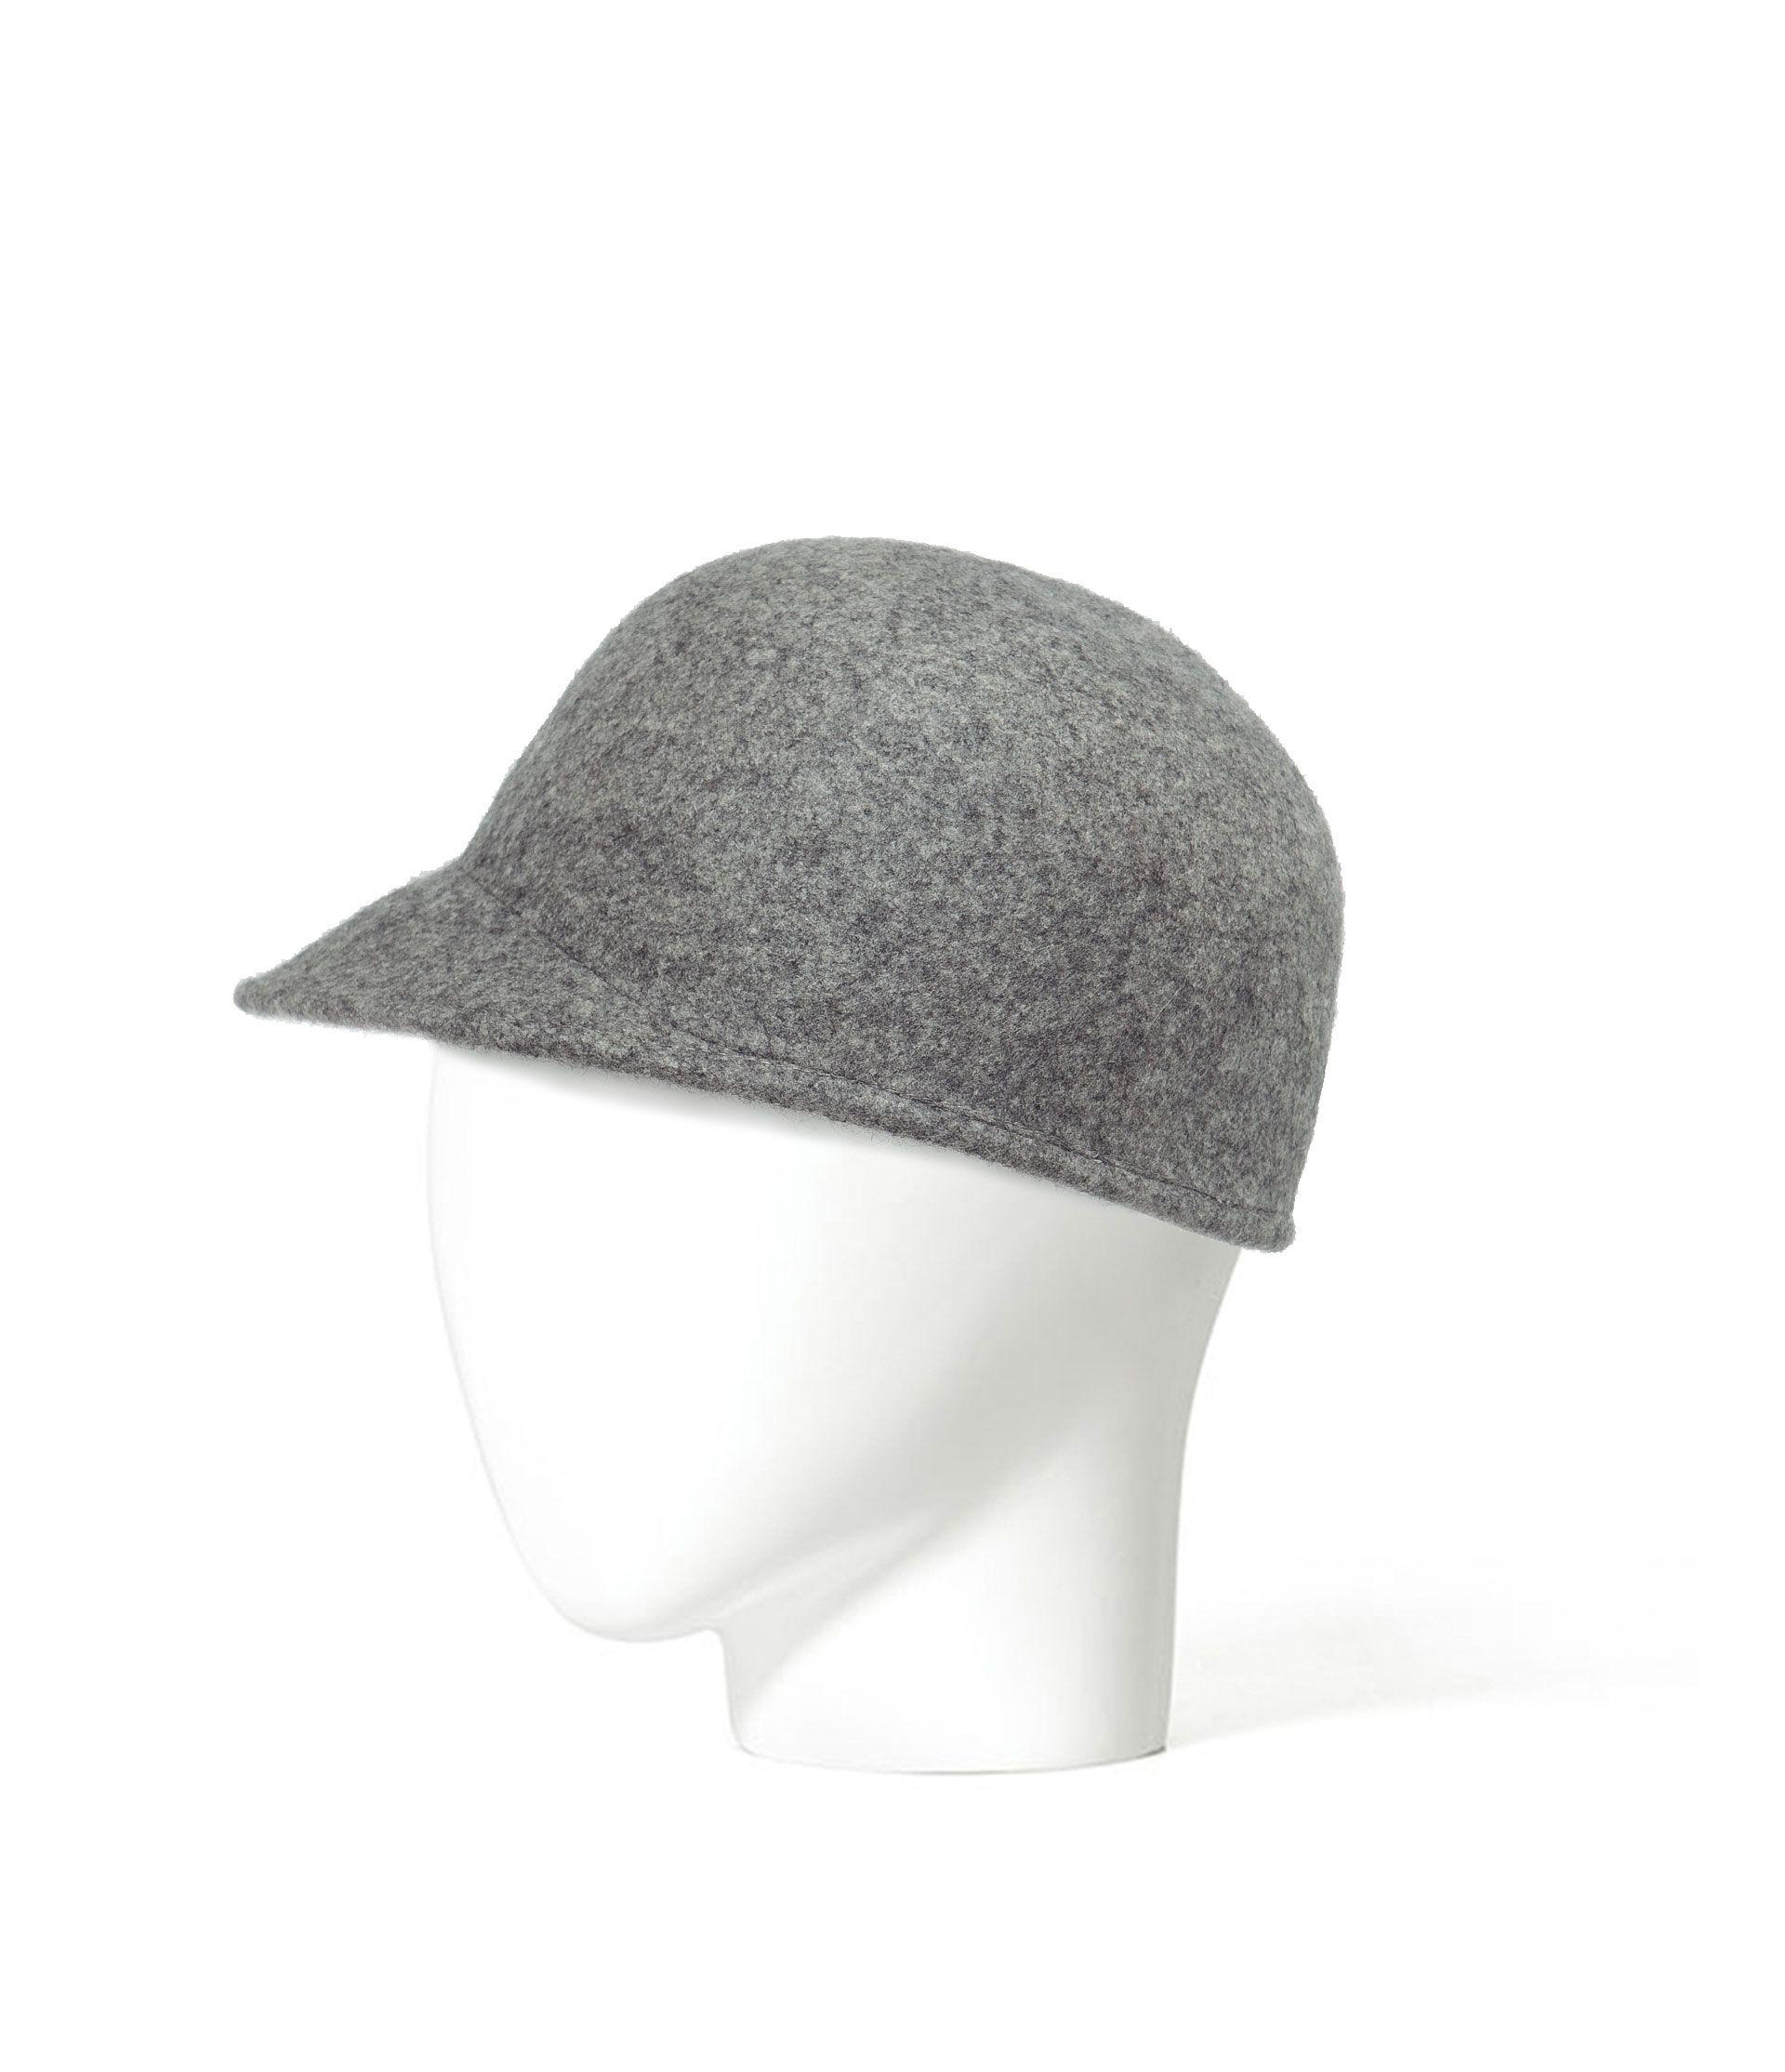 1dcadec8b4b ZARA - WOMAN - GREY FELT CAP Zara Women